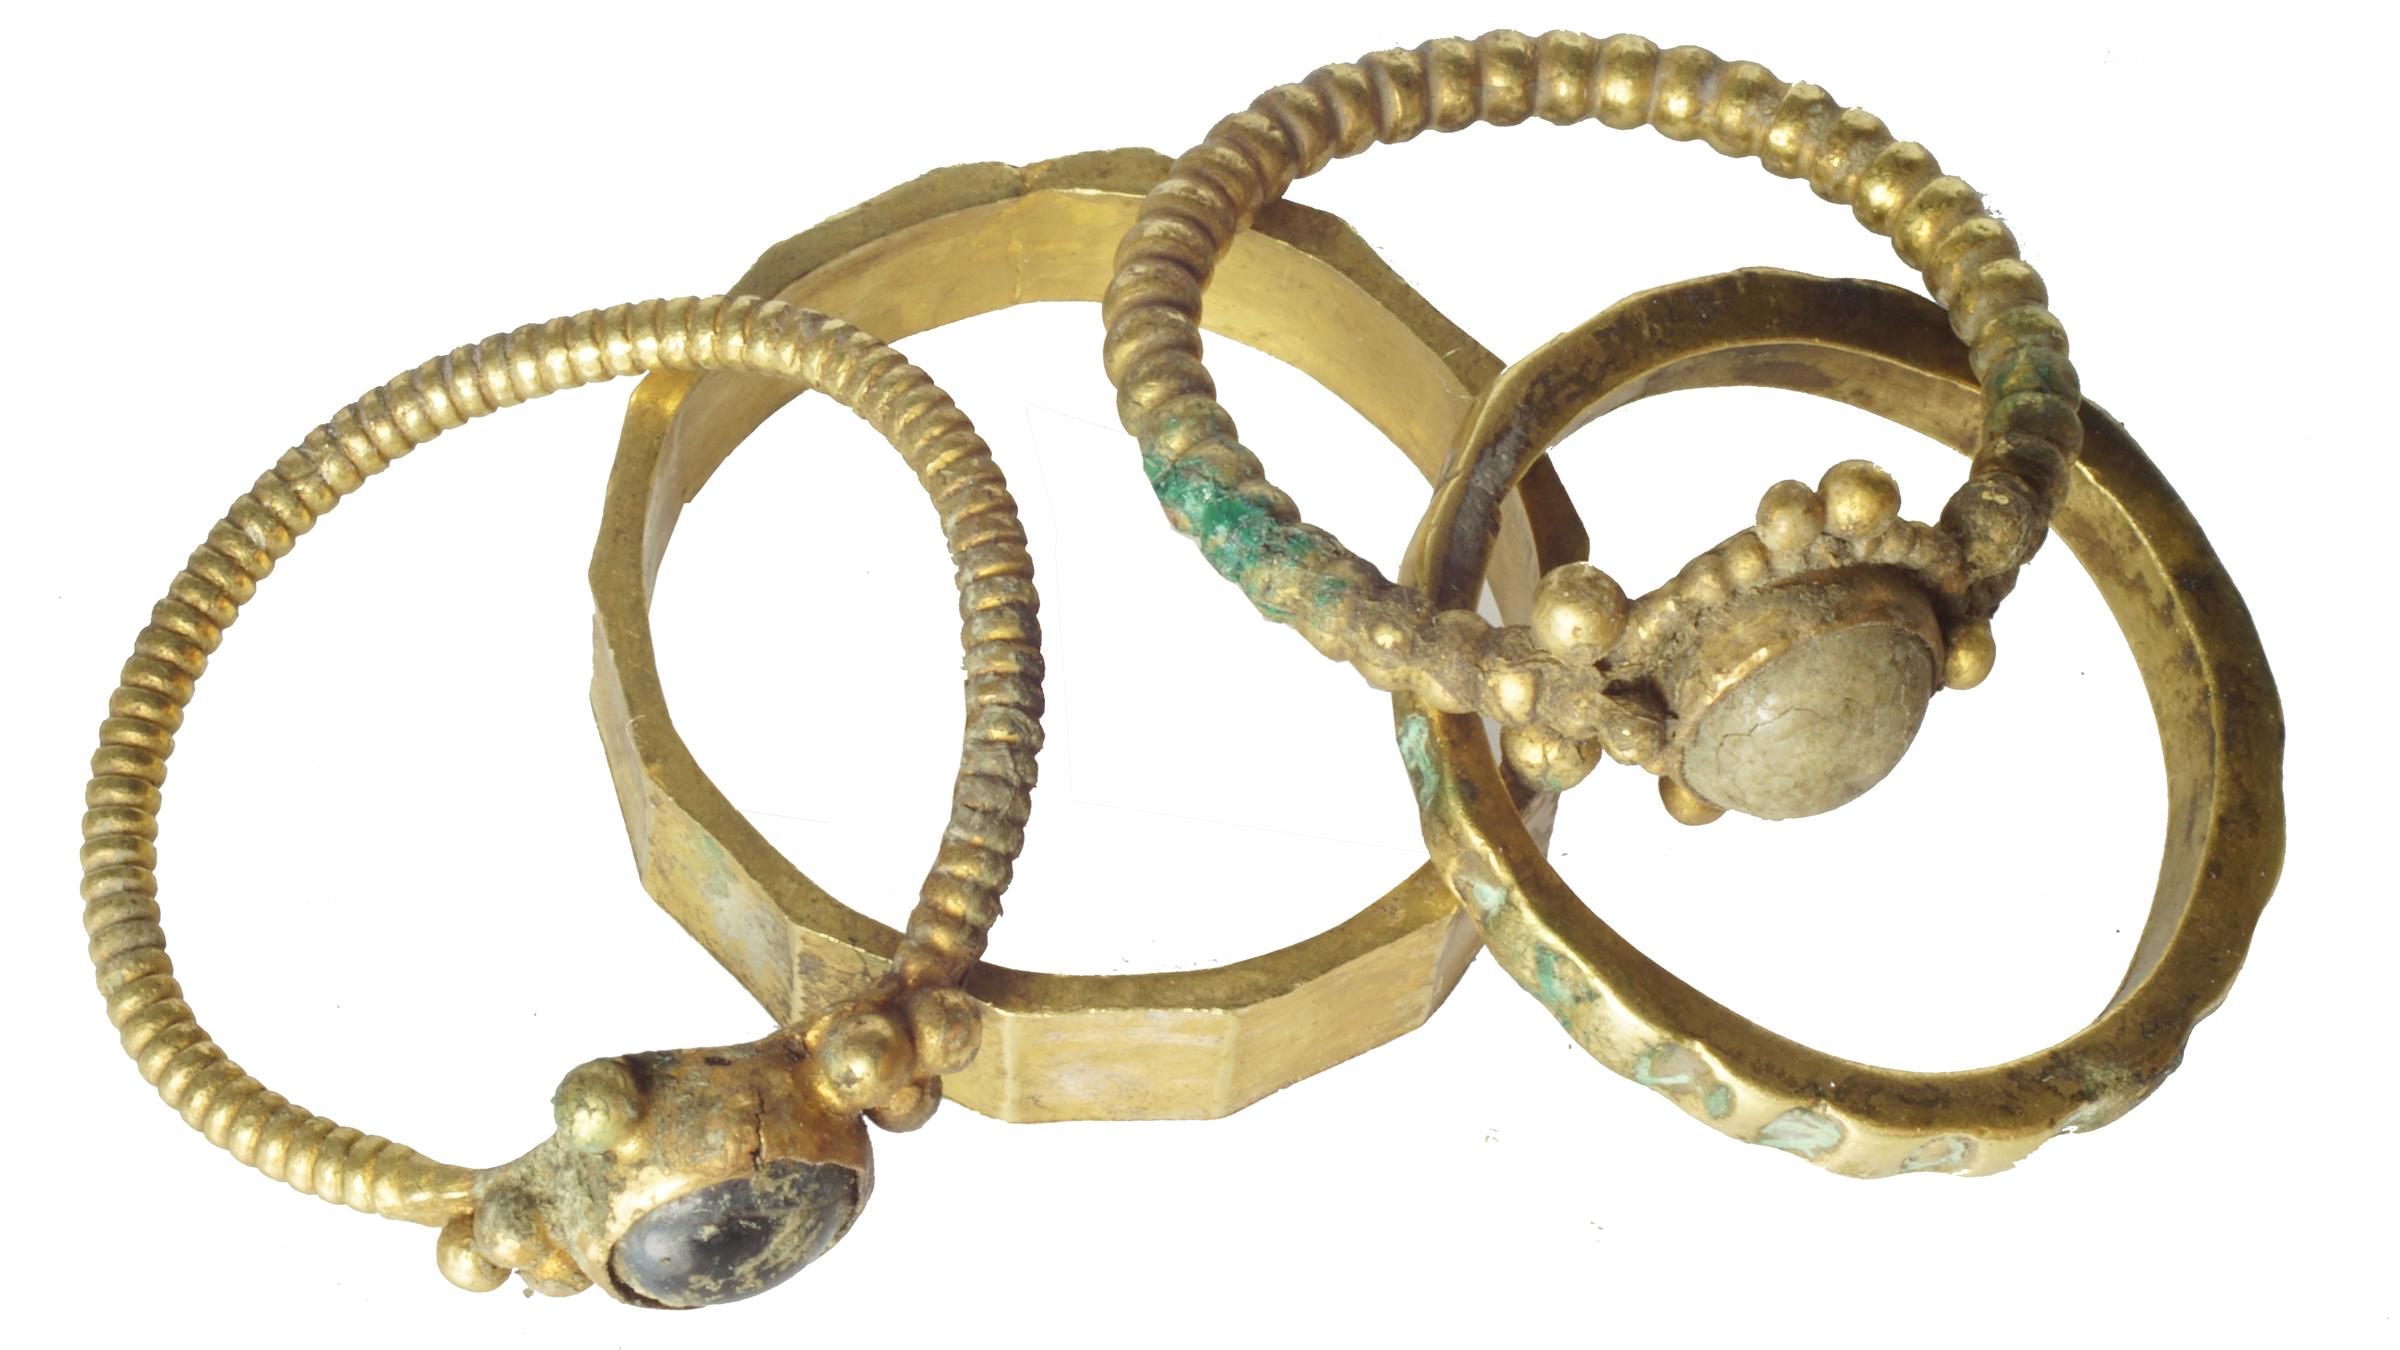 Les quatre anneaux d'or trouvés dans le trésor médiéval.